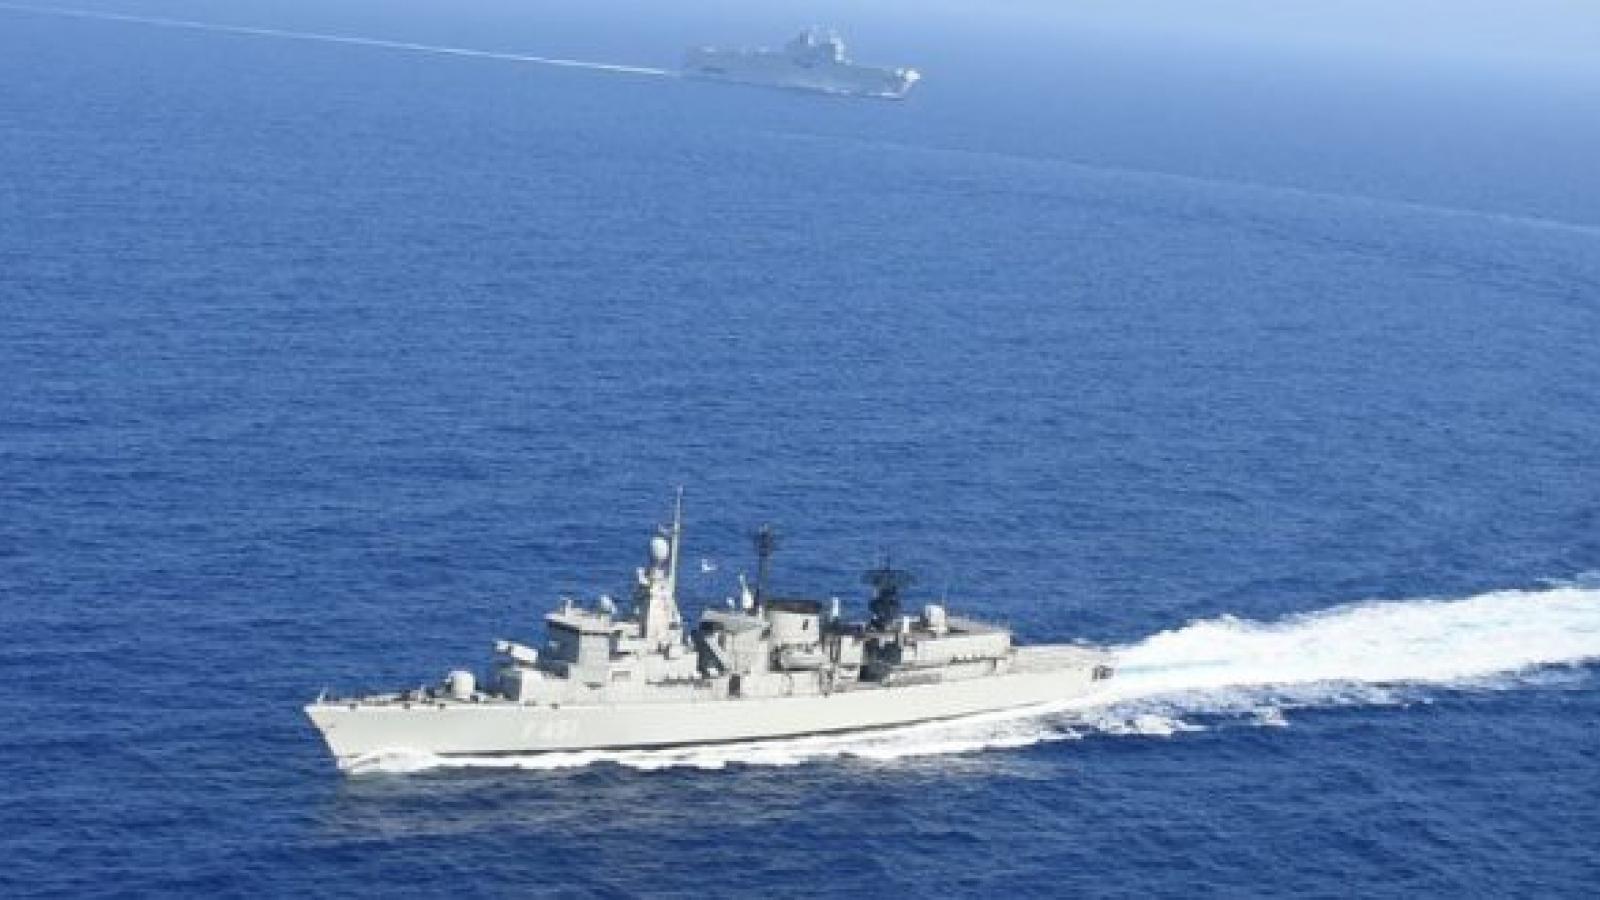 Thổ Nhĩ Kỳ muốn tìm giải pháp giải quyết tranh chấp với Hy Lạp